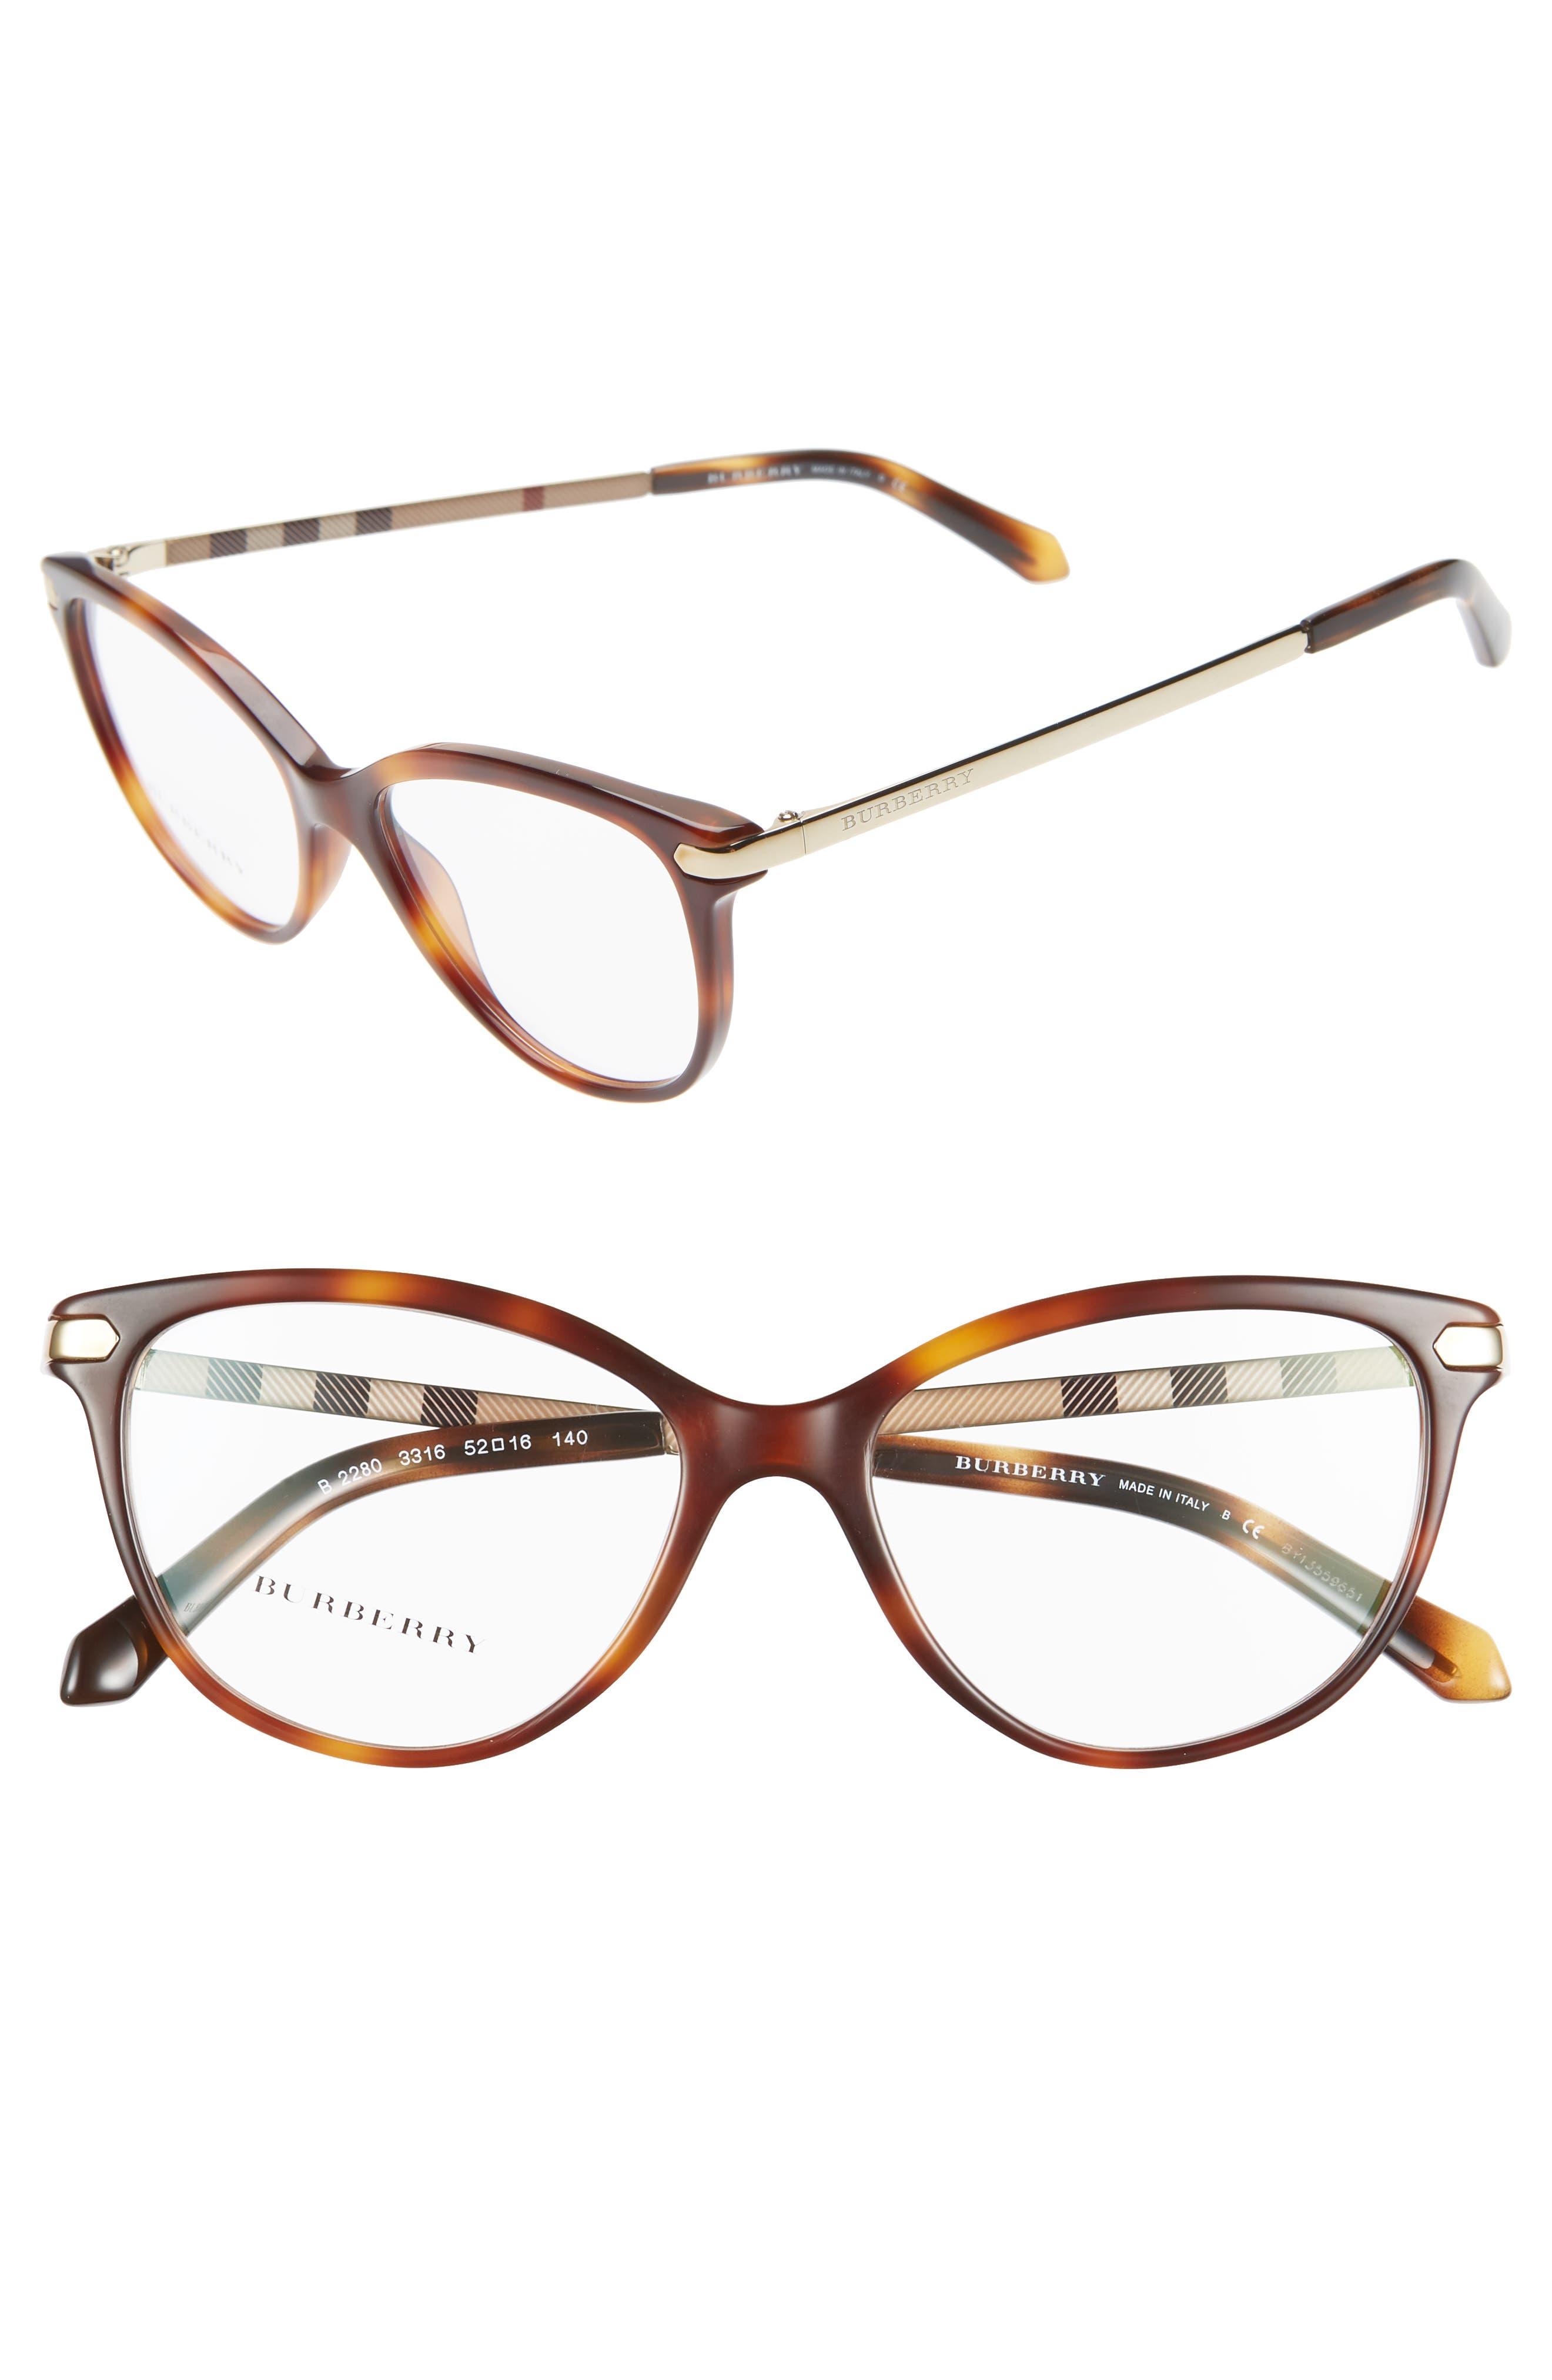 27820e63b7 Burberry Sunglasses for Women